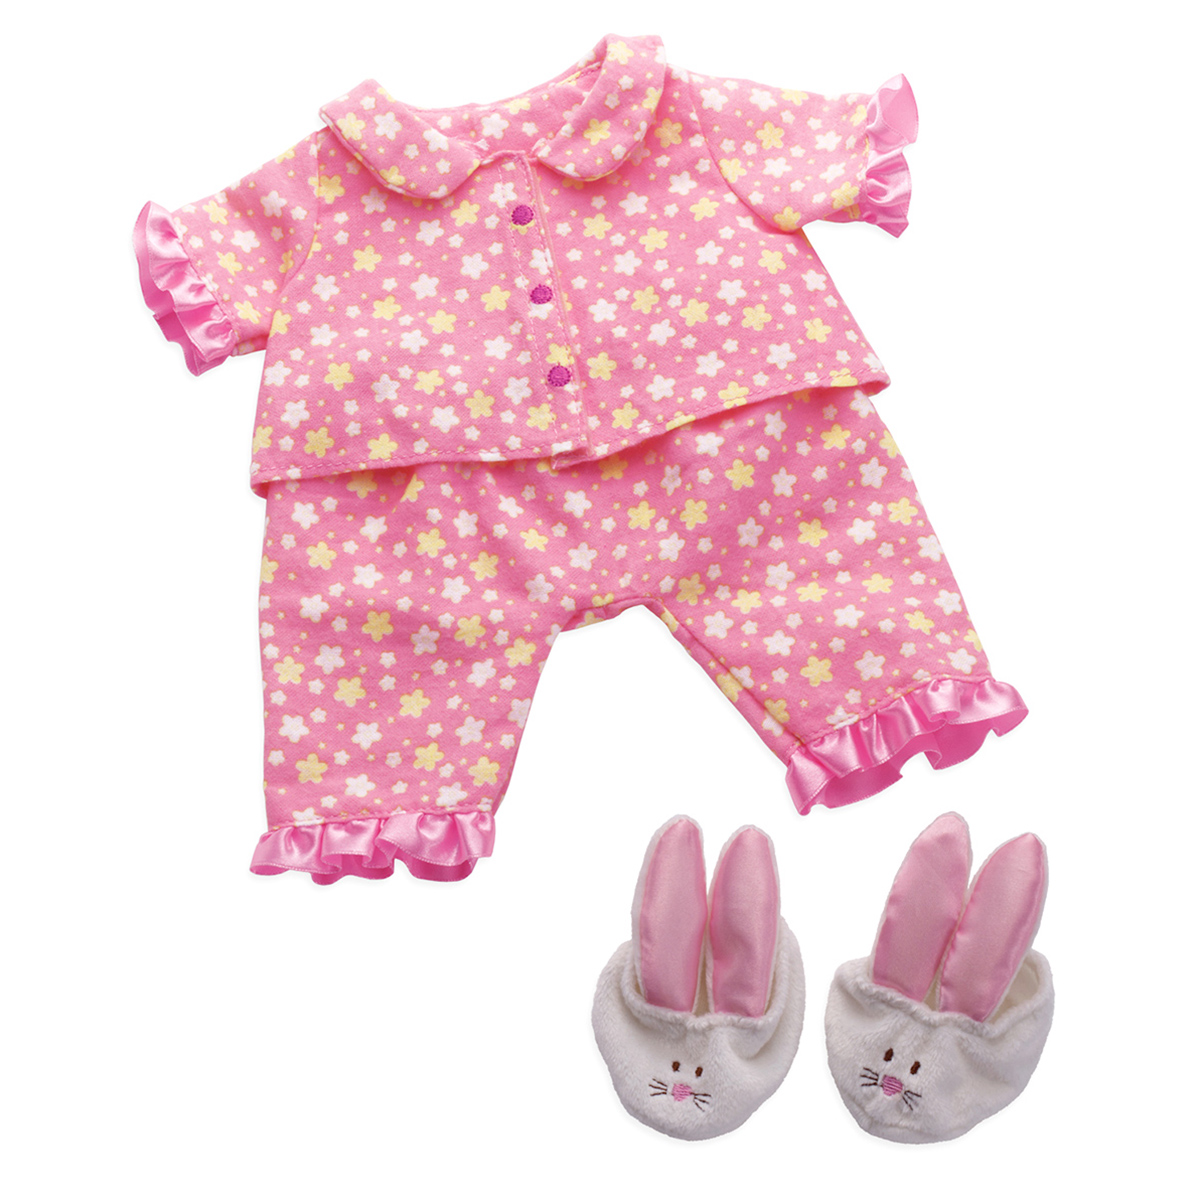 【再入荷時期未定】ベビー・ステラ おやすみフラワーパジャマ